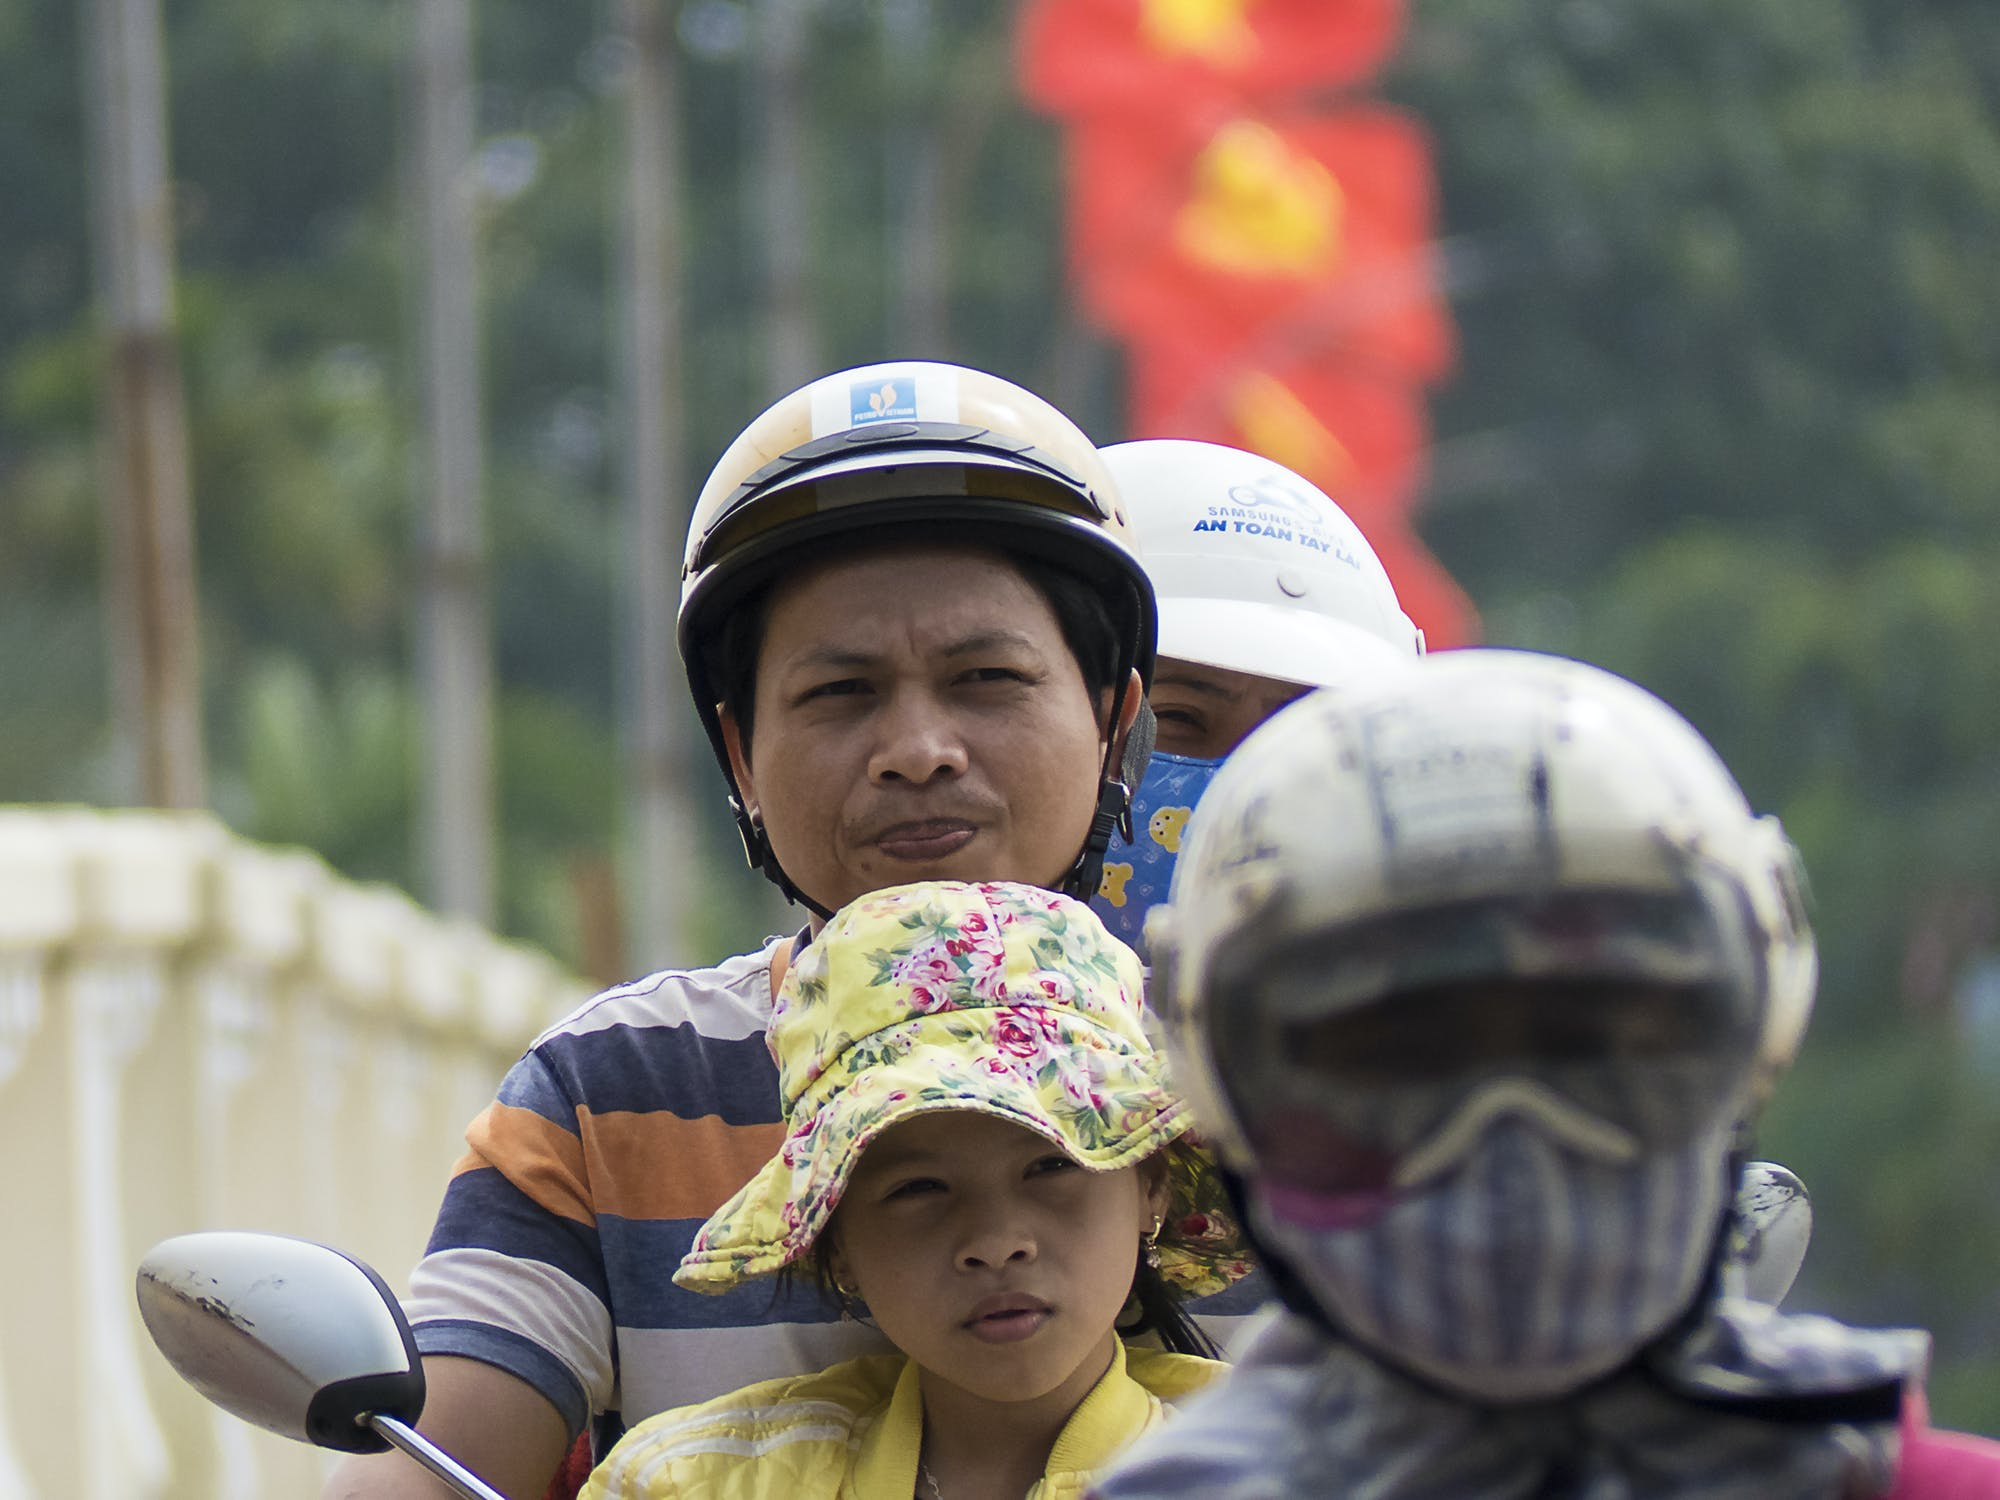 Gratis lagerfoto af asiatiske mennesker, flag, scooter, vietnamesisk